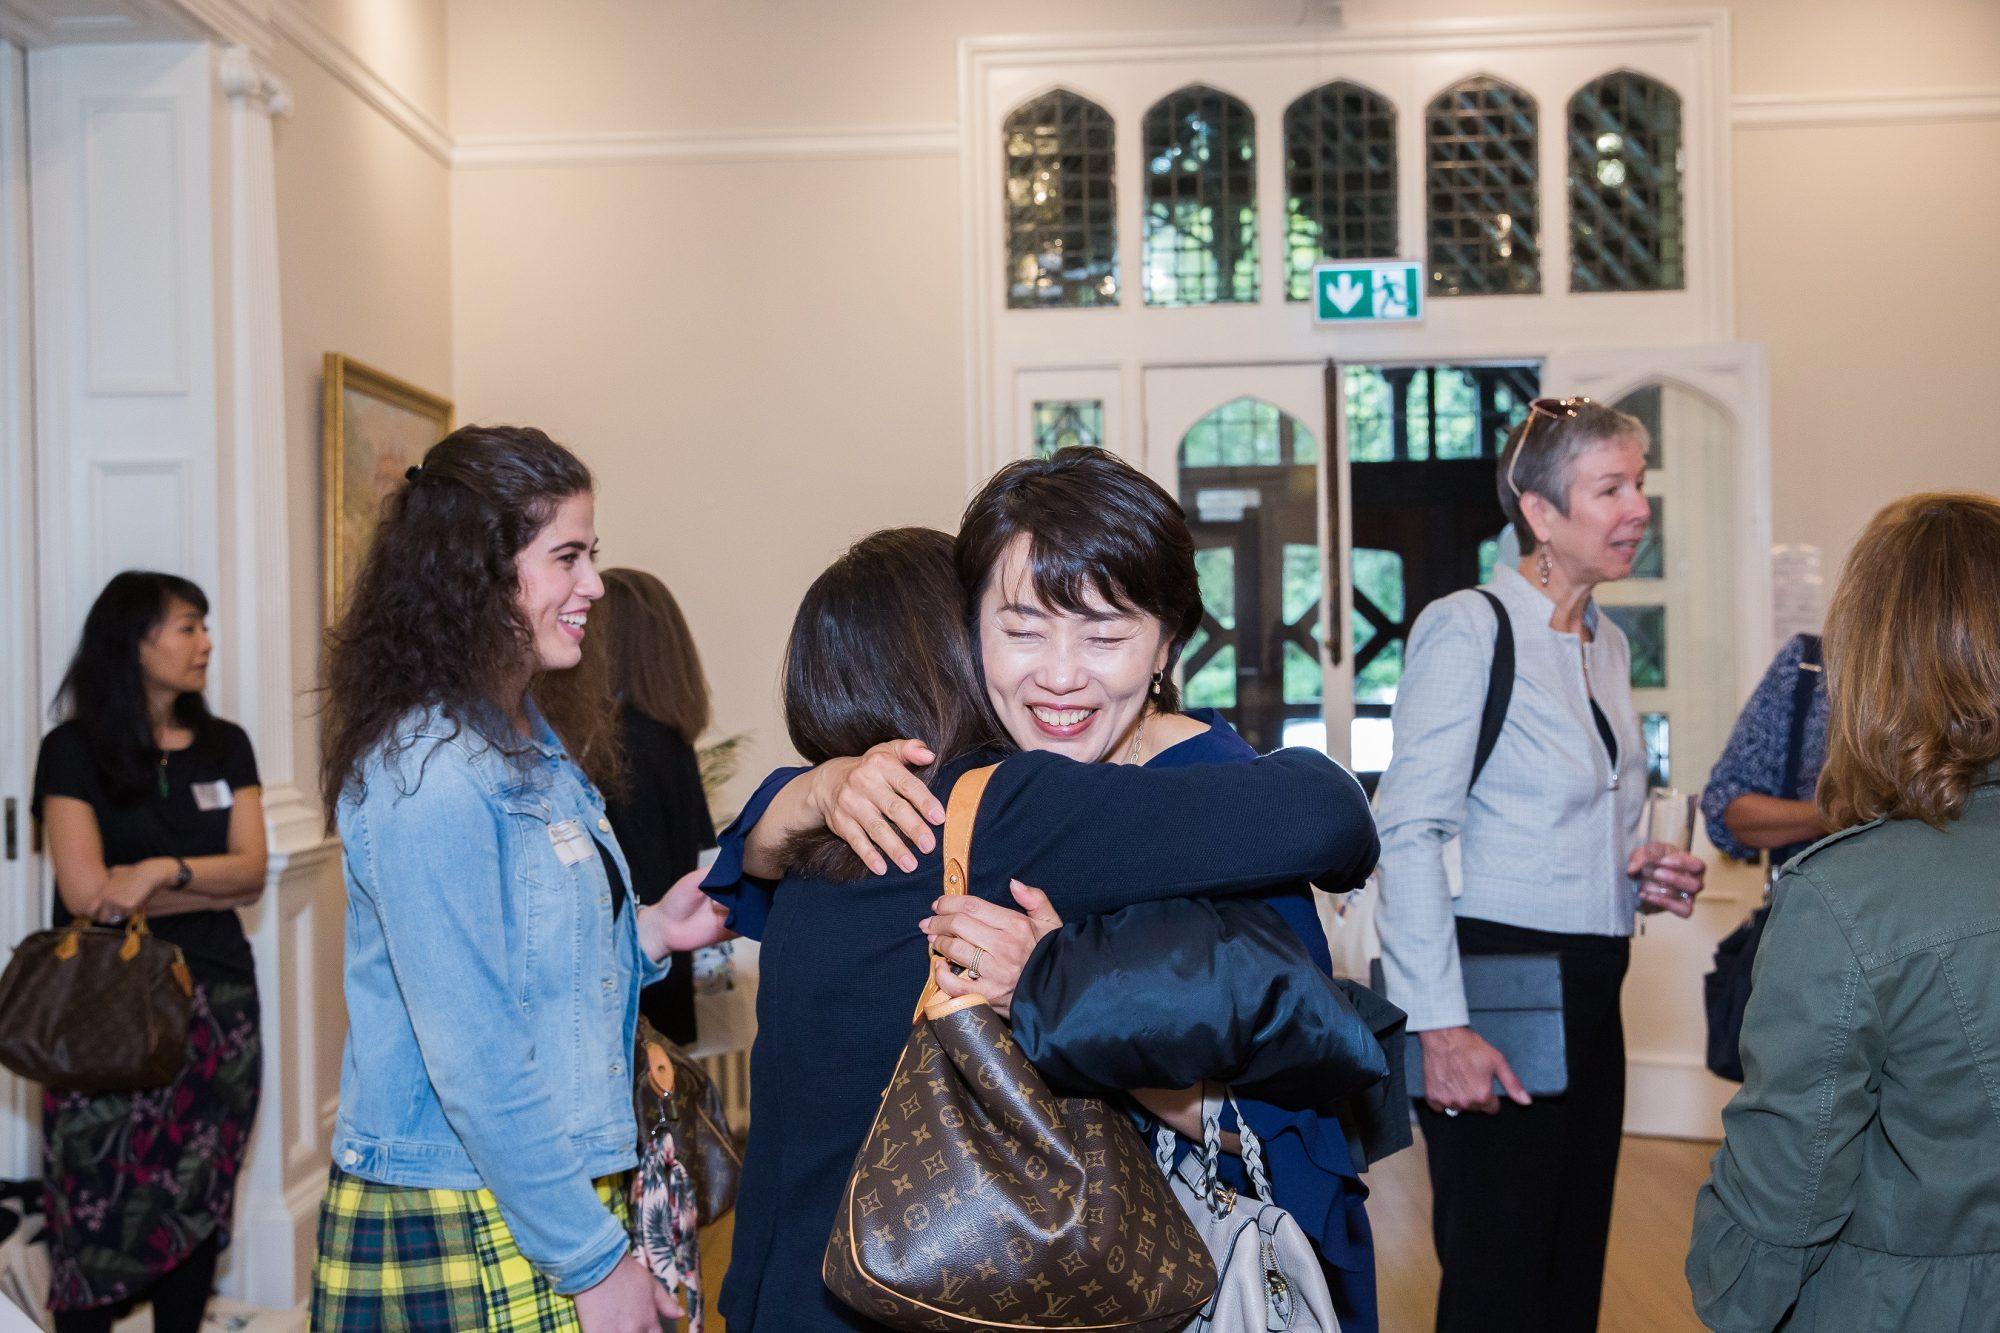 Alumnaereunion2019marymountlondonsiobhanhphotography 68 | Marymount International School London